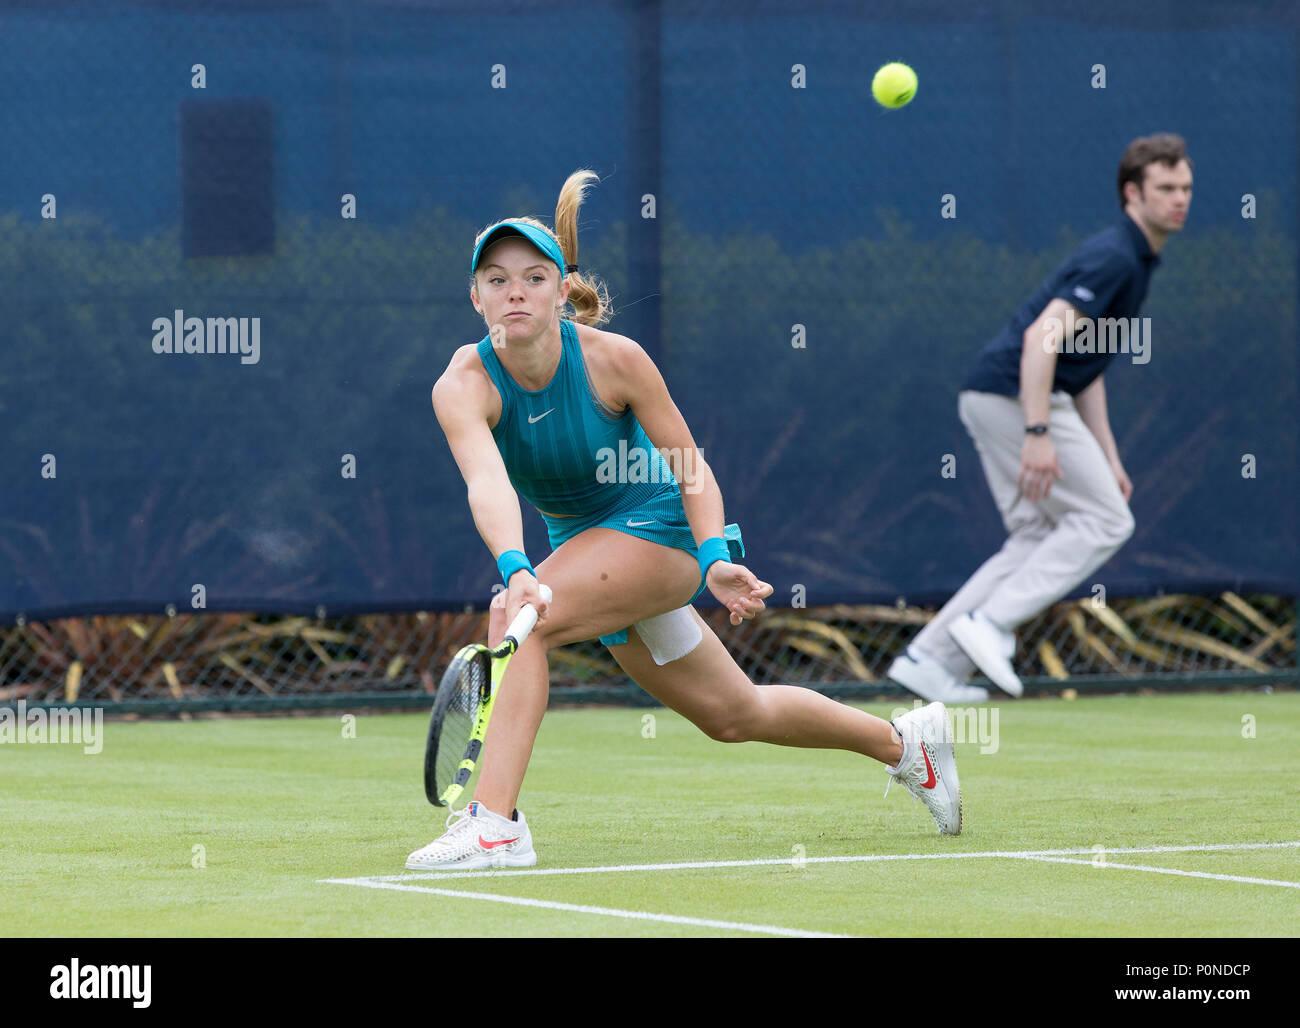 Katie Swan en el tenis, en acción durante la naturaleza Valle Open 2018 - Katie Swan Jugador de tenis Foto de stock